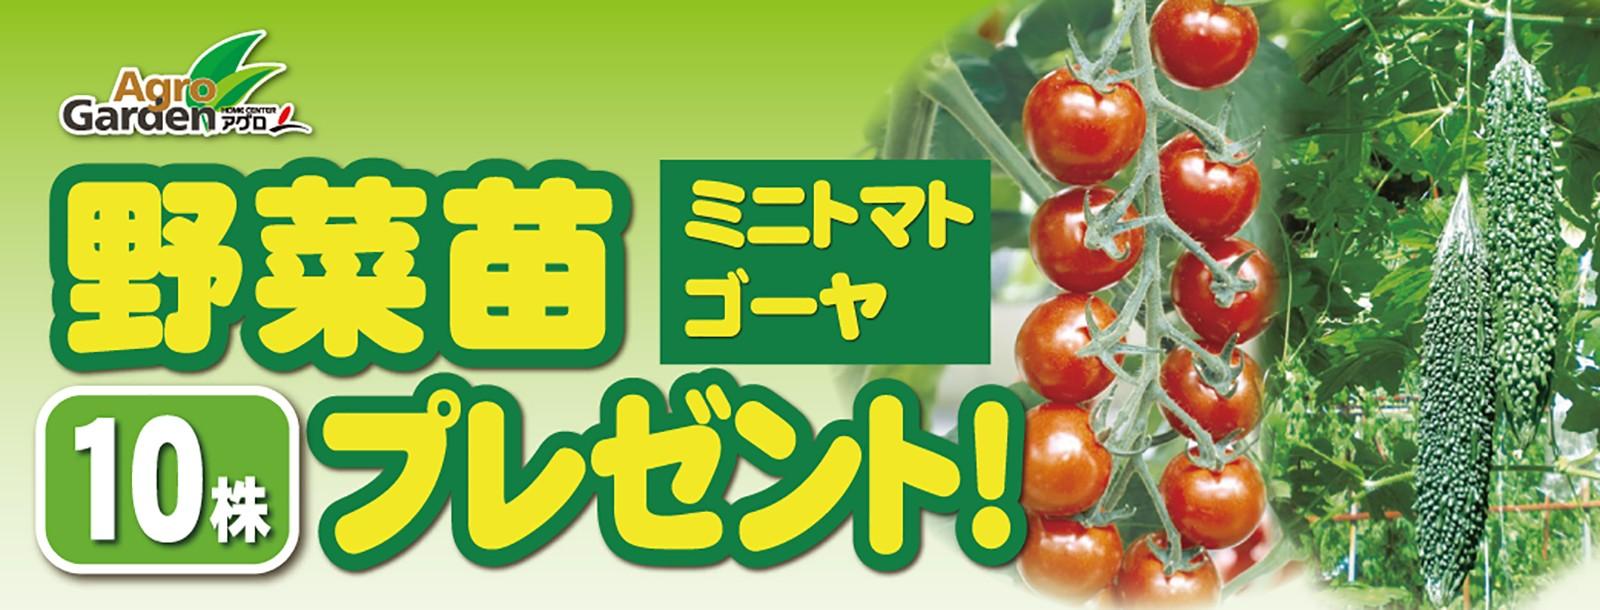 野菜苗10株プレゼント!